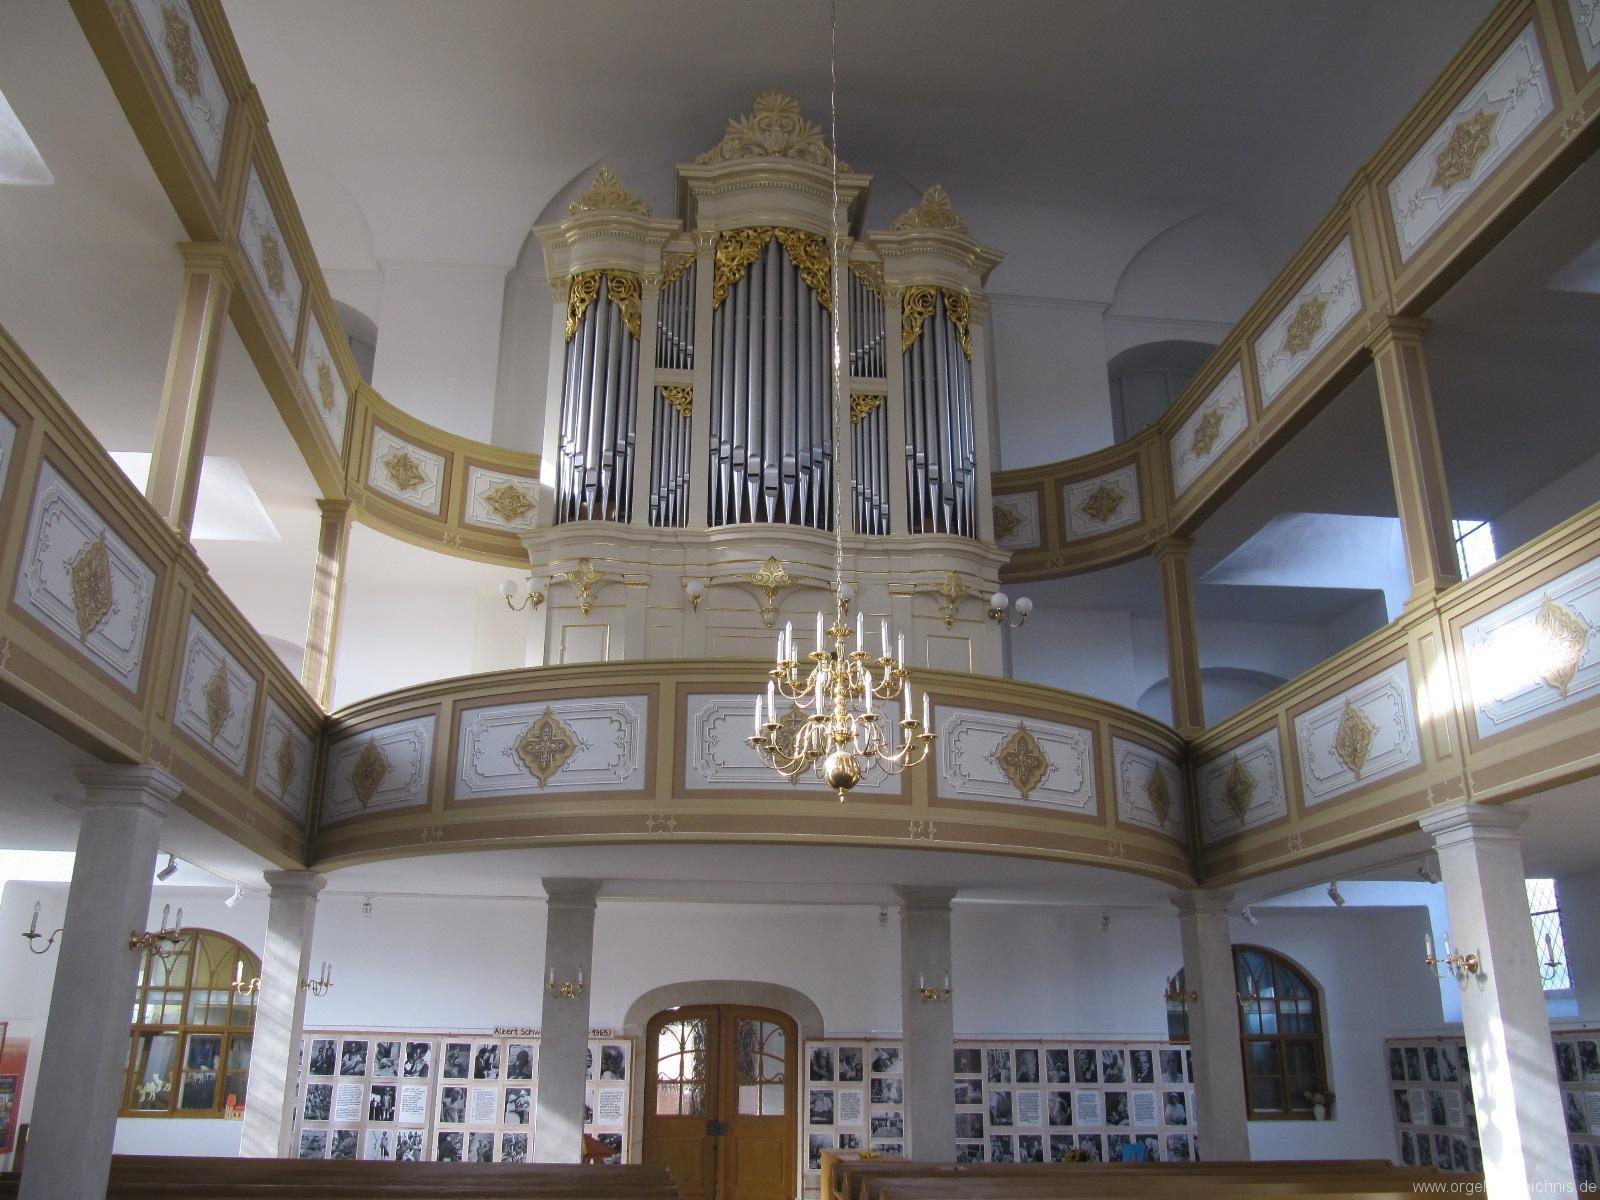 Königstein (Sächsische Schweiz) Evangelische Stadtkirche St. Marien Hauptorgel Gehäuse II